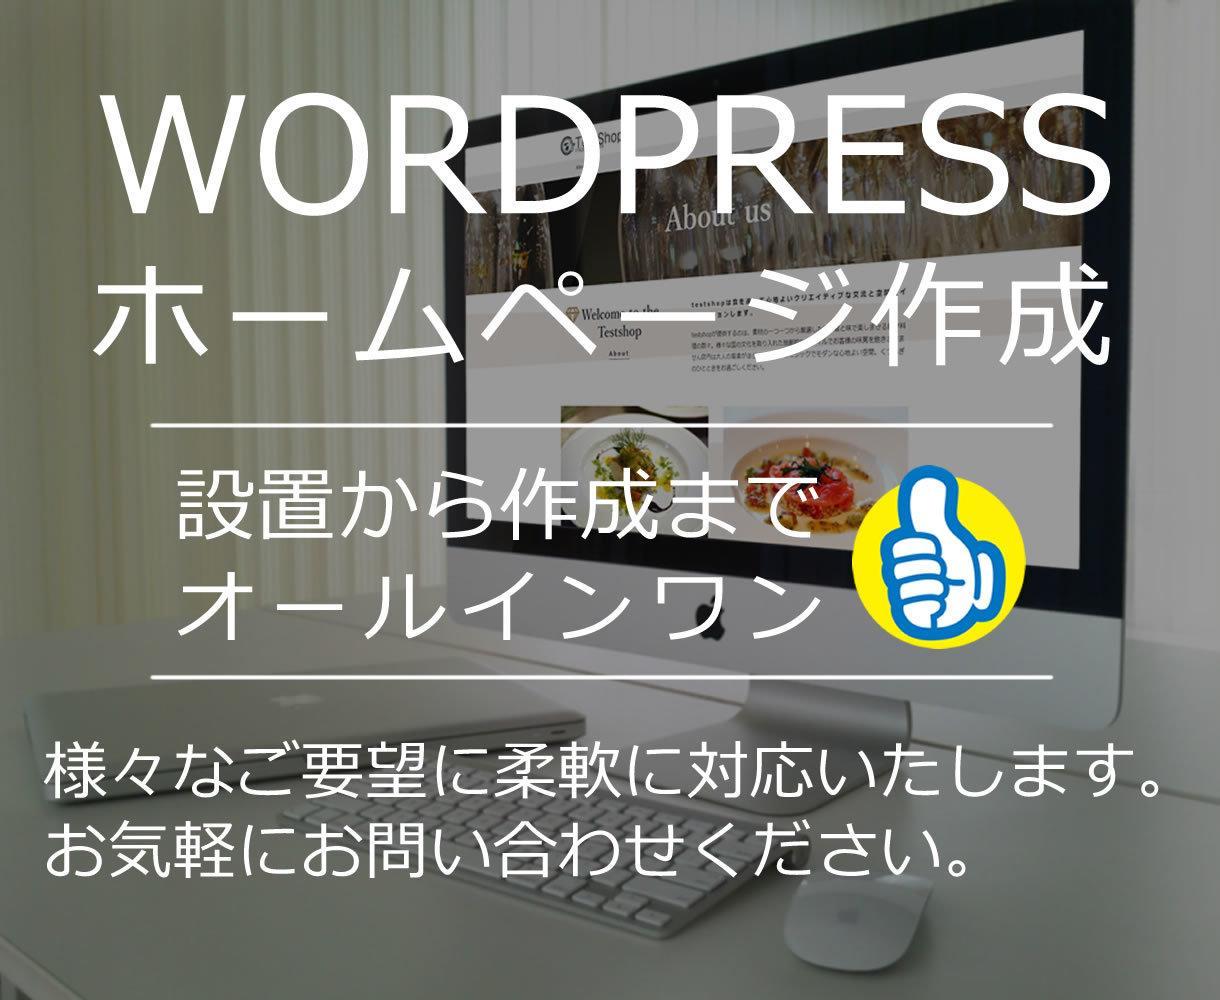 スマホ表示対応の本格ホームページを作成します 様々な端末での表示に対応したホームページをワードプレスで作成